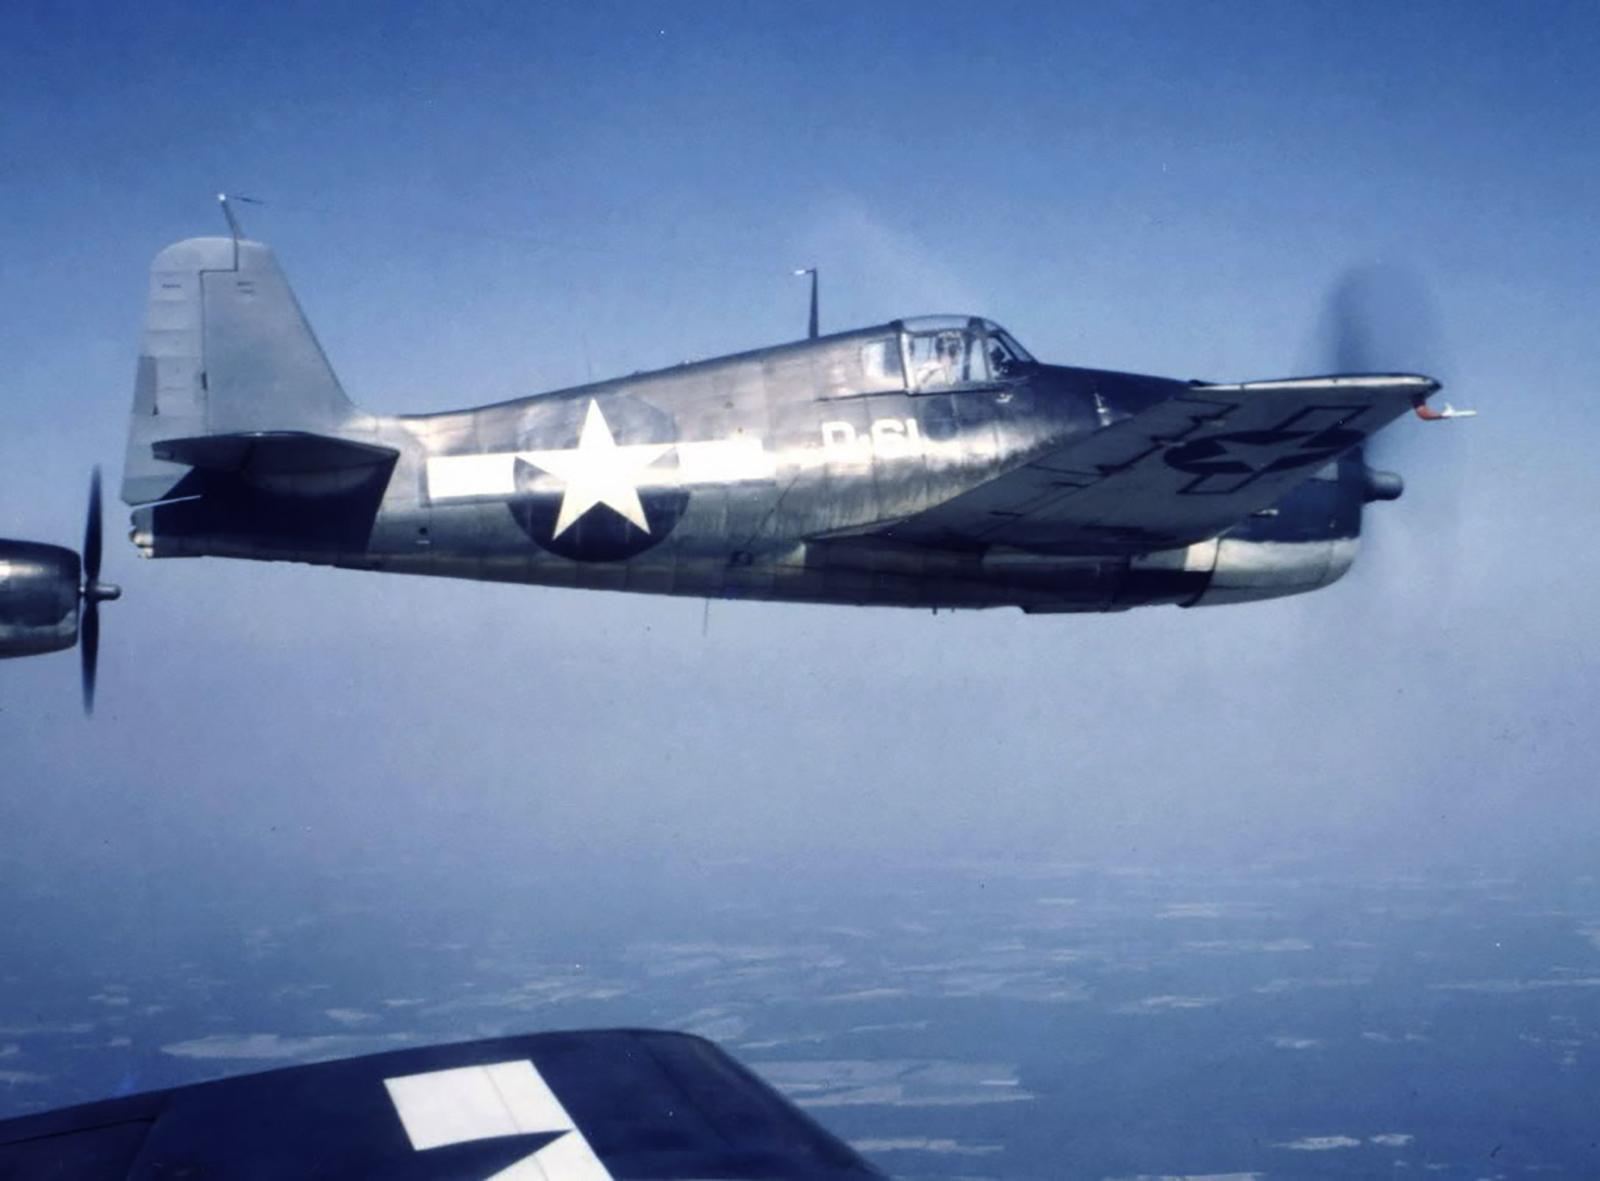 Grumman F6F 5 Hellcat VMD 354 White D61 areial shot 1944 01